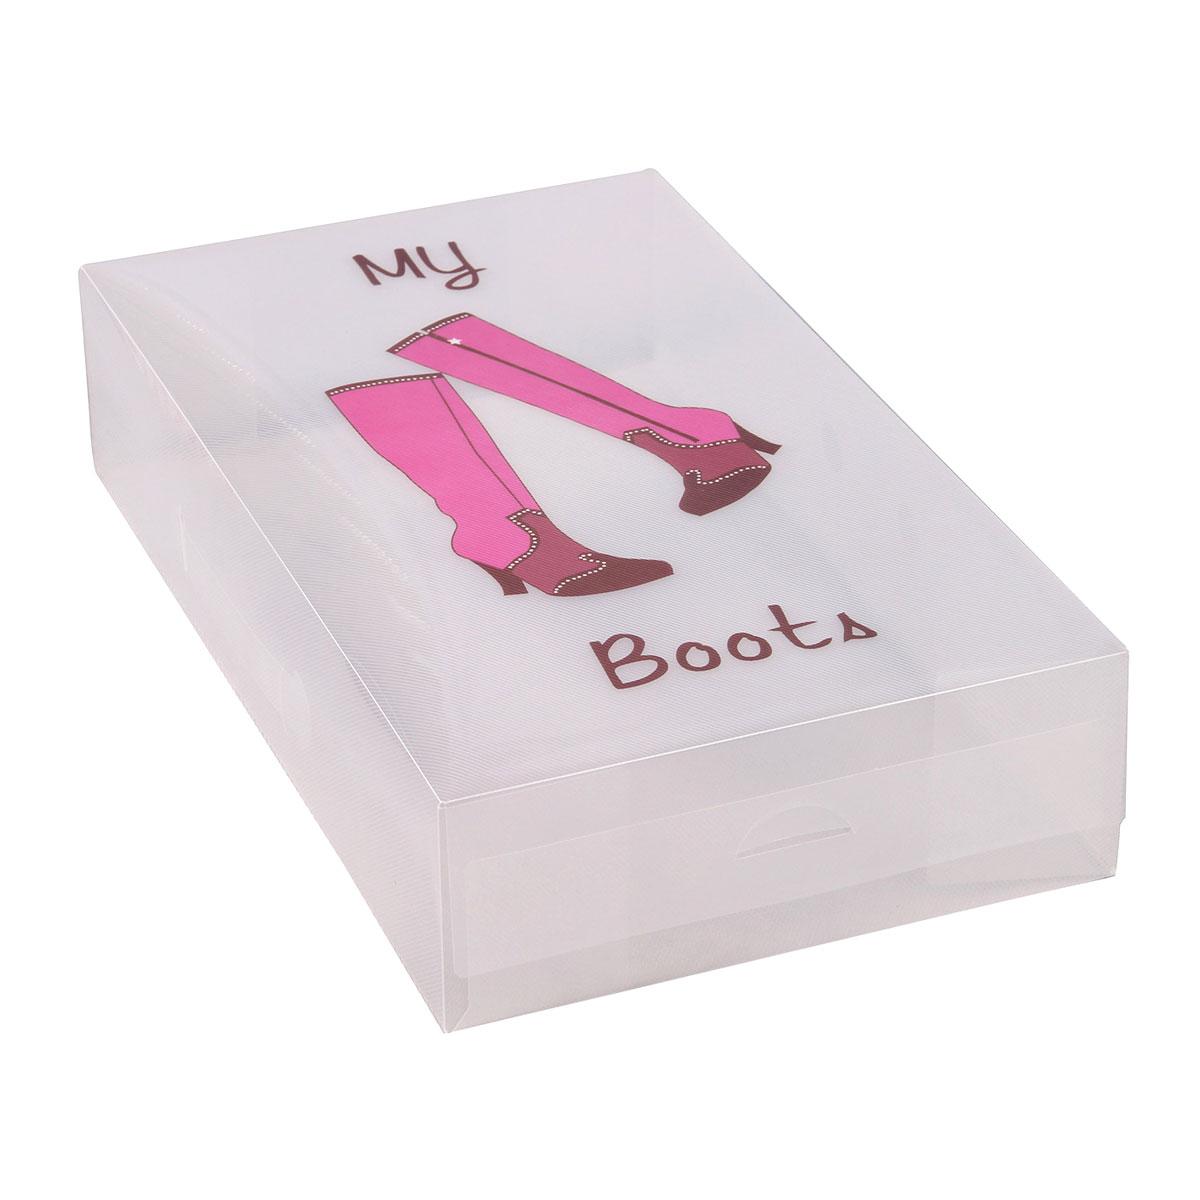 Короб для xранения обуви Miolla, 52 x 30 x 11 см. PLS-2 короб для xранения miolla круги 30 x 40 x 18 см sbb 04